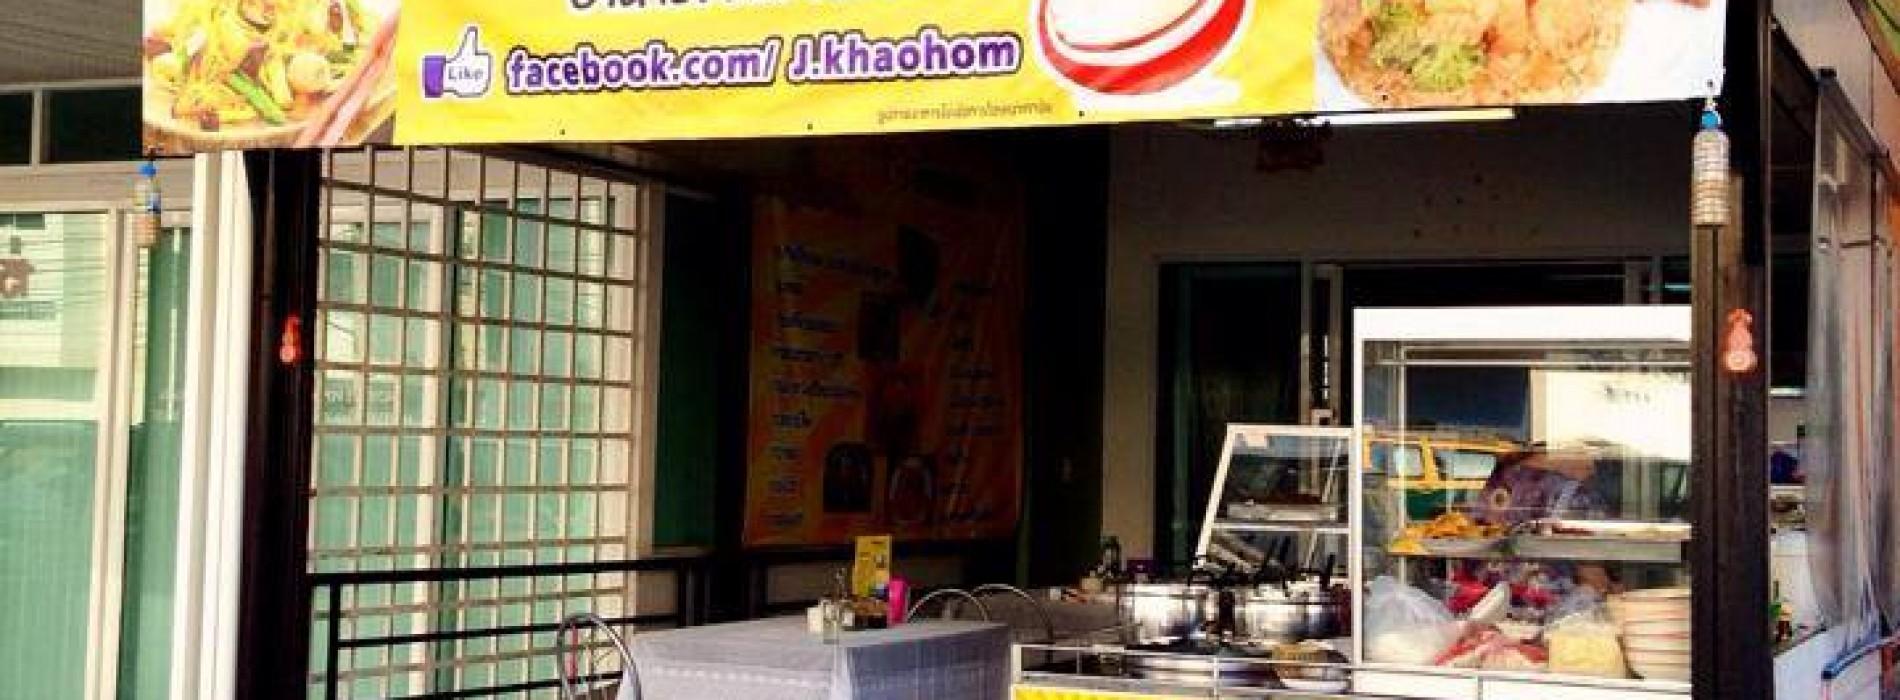 ร้านอาหารเจ เจข้าวหอม ร้านอาหารเจ ที่ไม่จำเจ แสนอร่อย กรุงเทพ